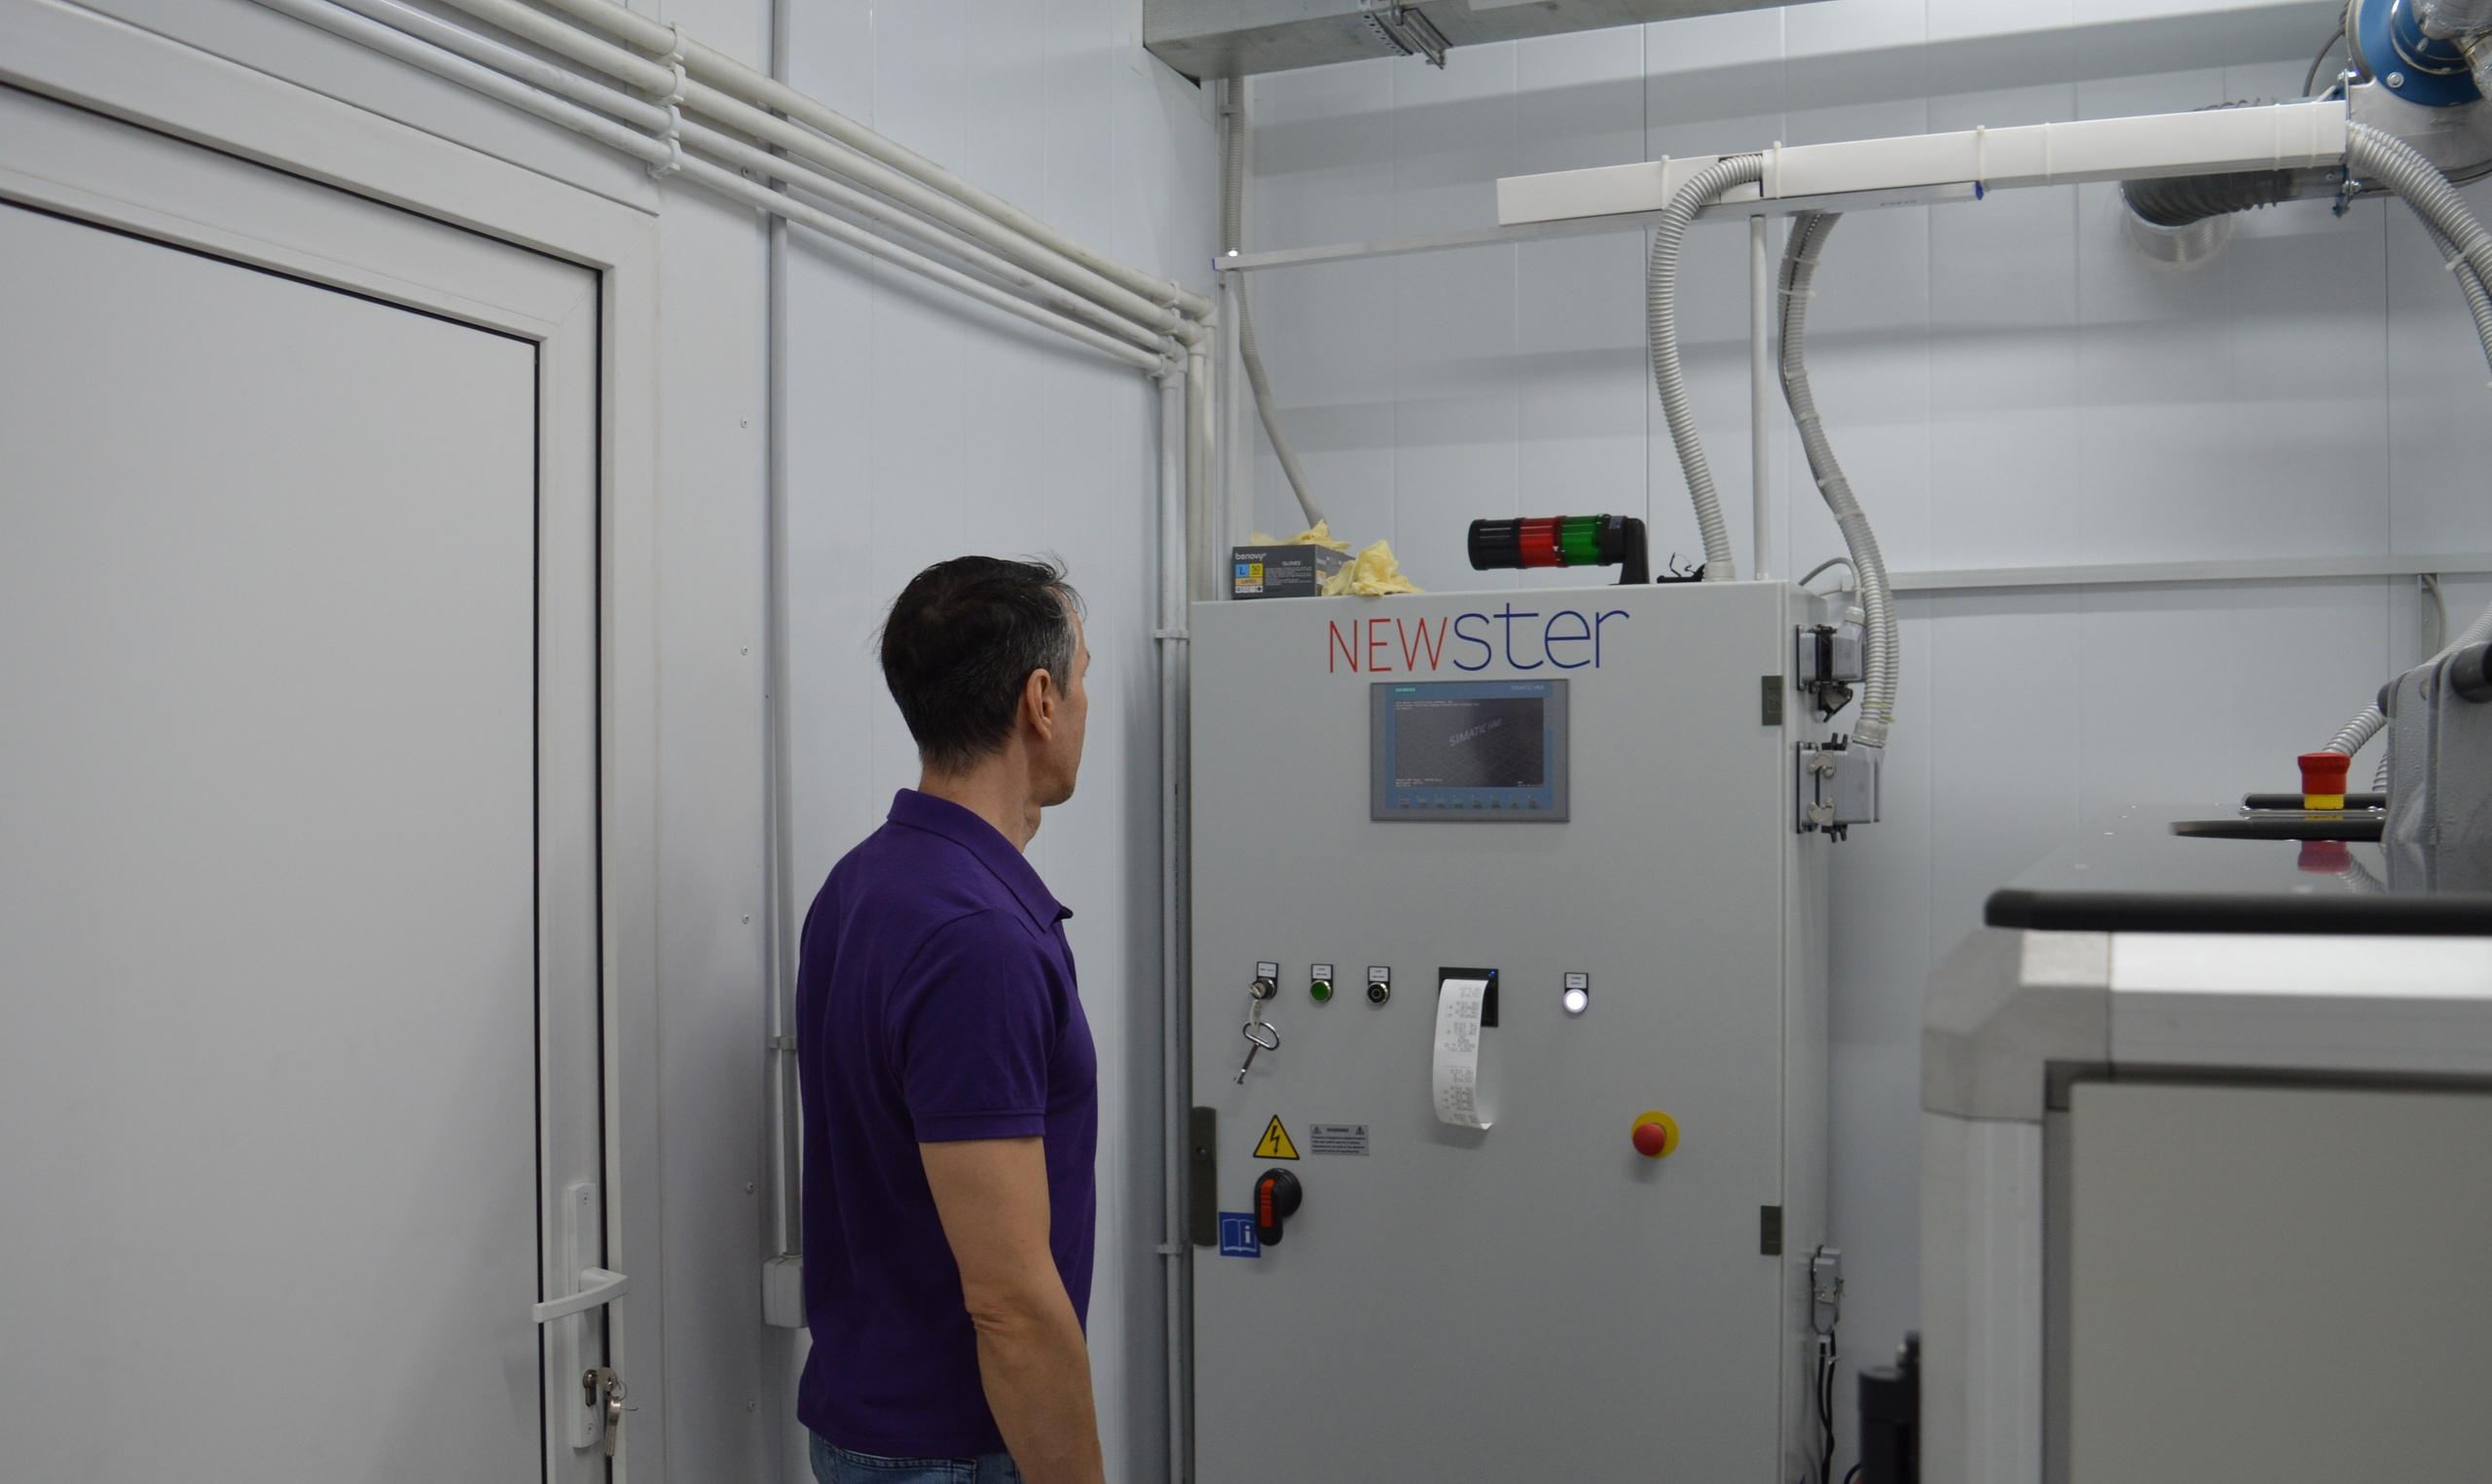 В больнице Ишима появился утилизатор для переработки медицинских отходов 1